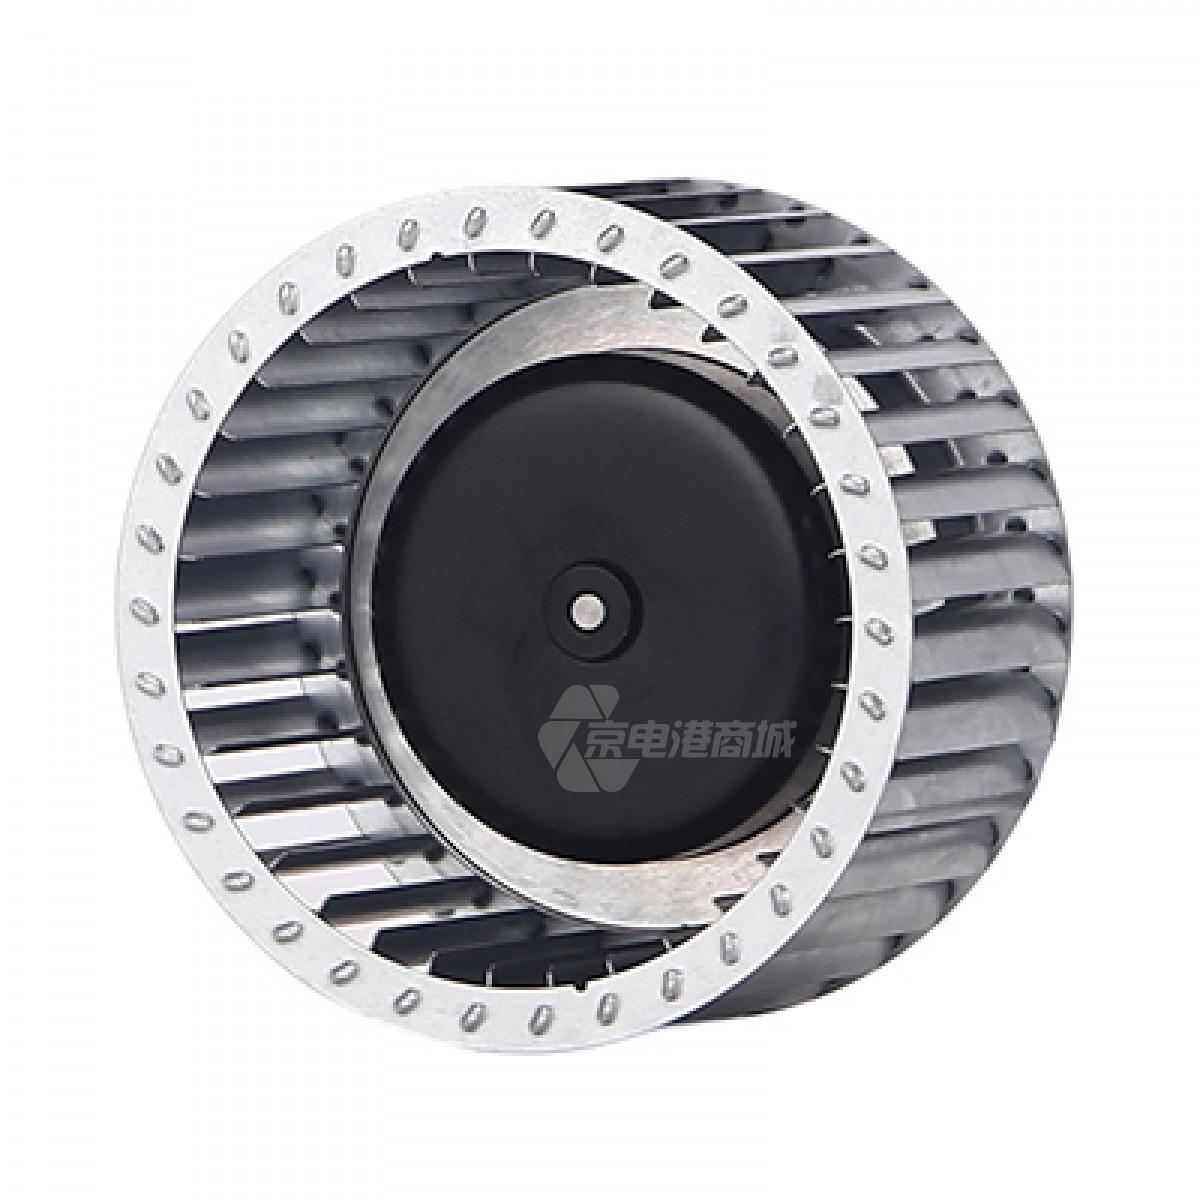 EC Centrifugal Fan 230VAC 61W 270m3/h Φ120 - Forward Curved PF3N120B2EH